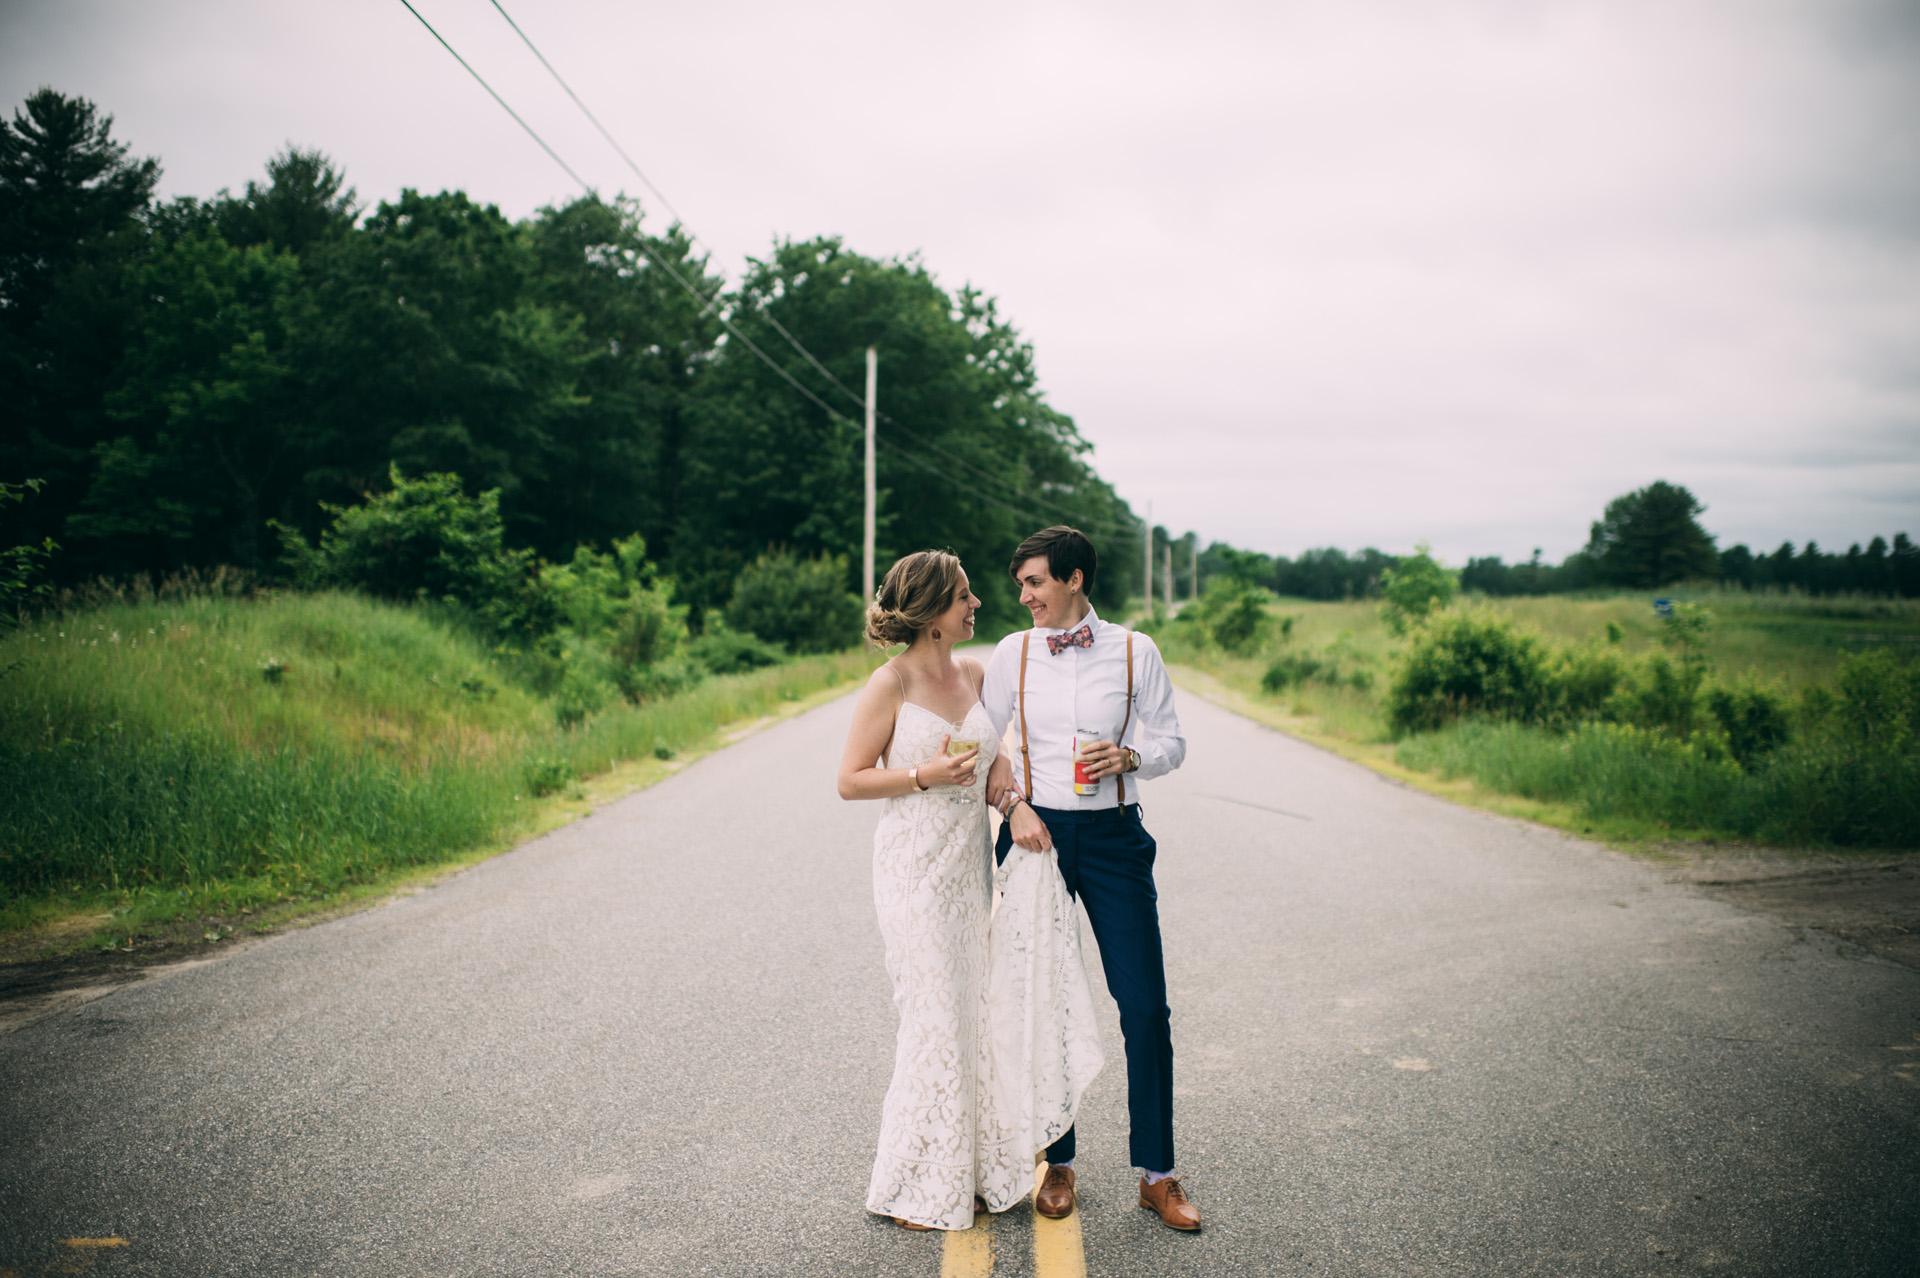 broadturn-farm-wedding-57